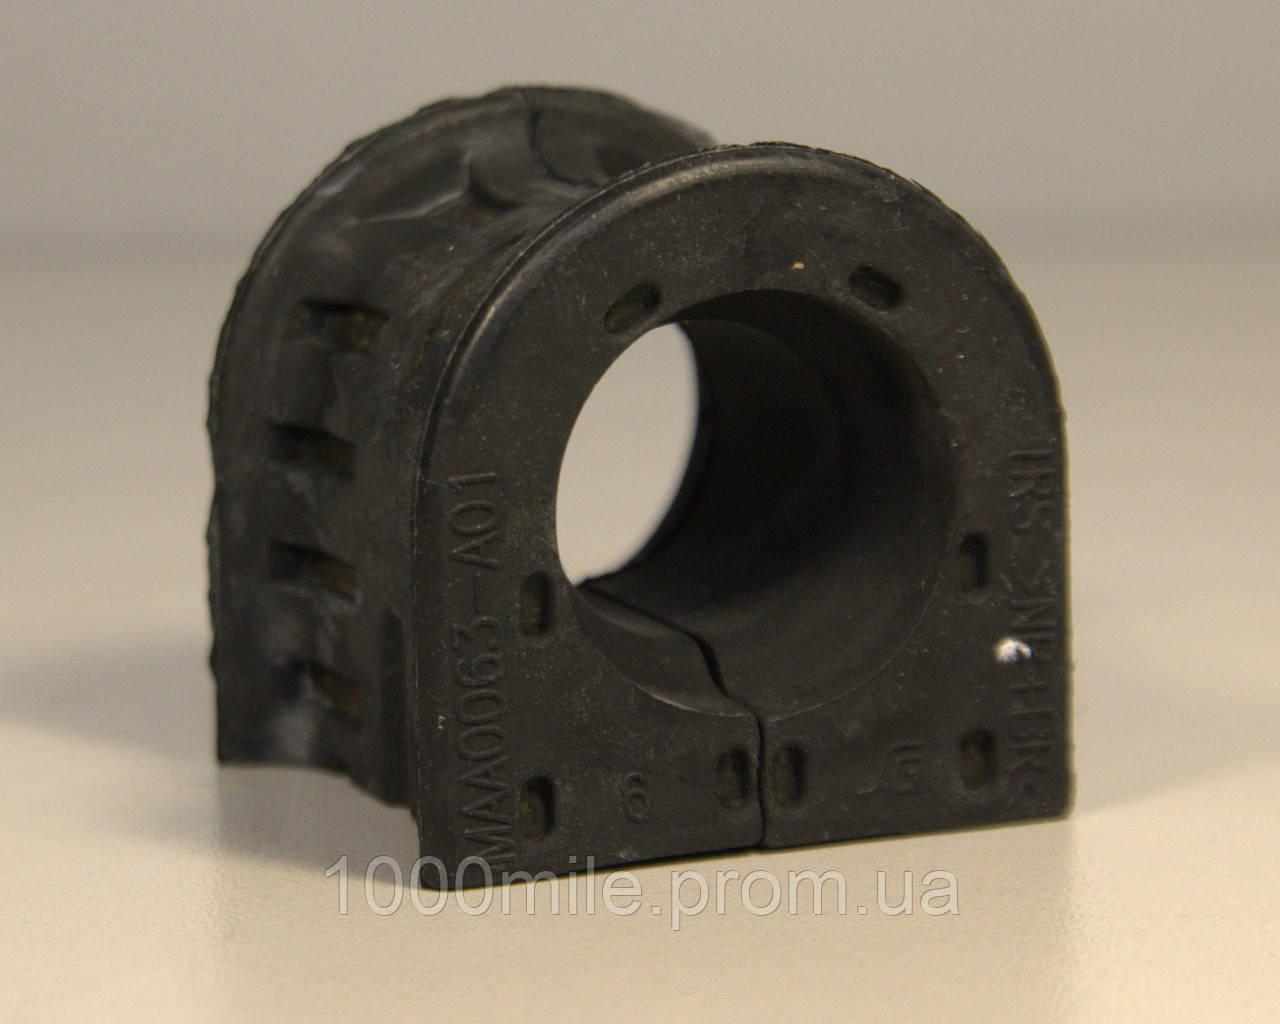 Втулка заднего стабилизатора d=28mm на  Renault Master III 2010-> — Renault (Оригинал) - 546135490R